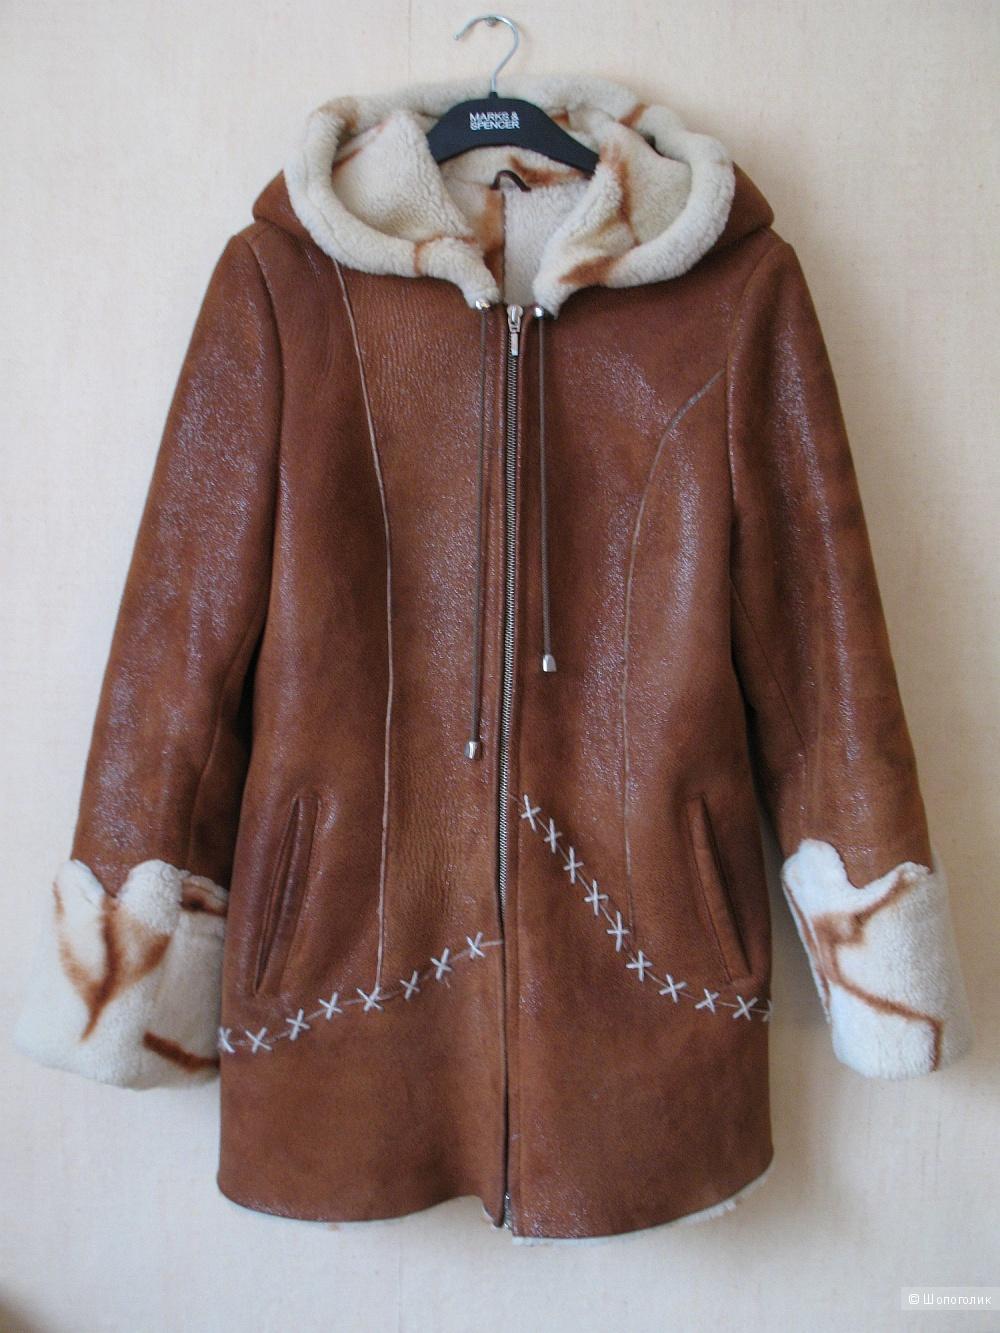 Дубленка коричневая с белым мехом, размер M